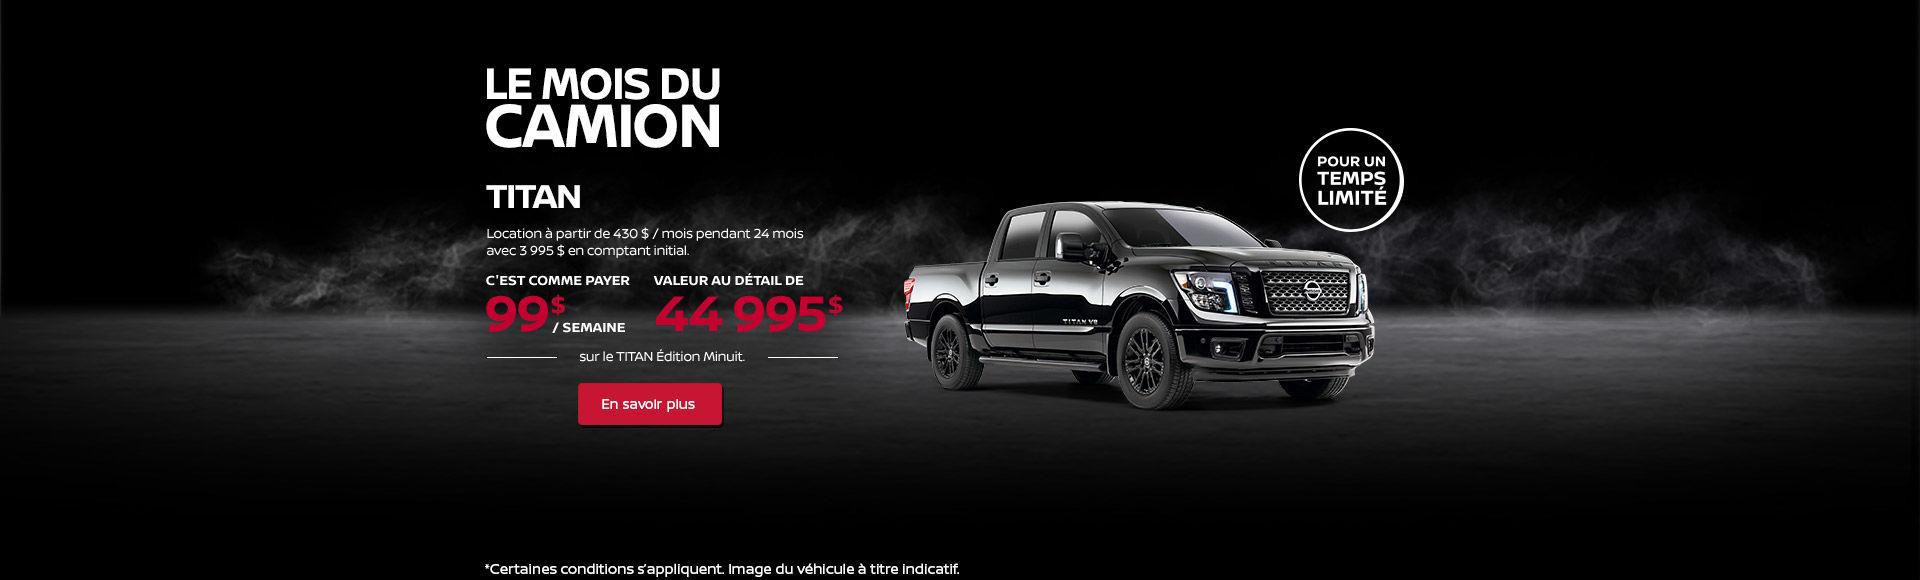 Obtenez le Nissan Titan 2018 dès aujourd'hui! (Copie) (Copie) (Copie)